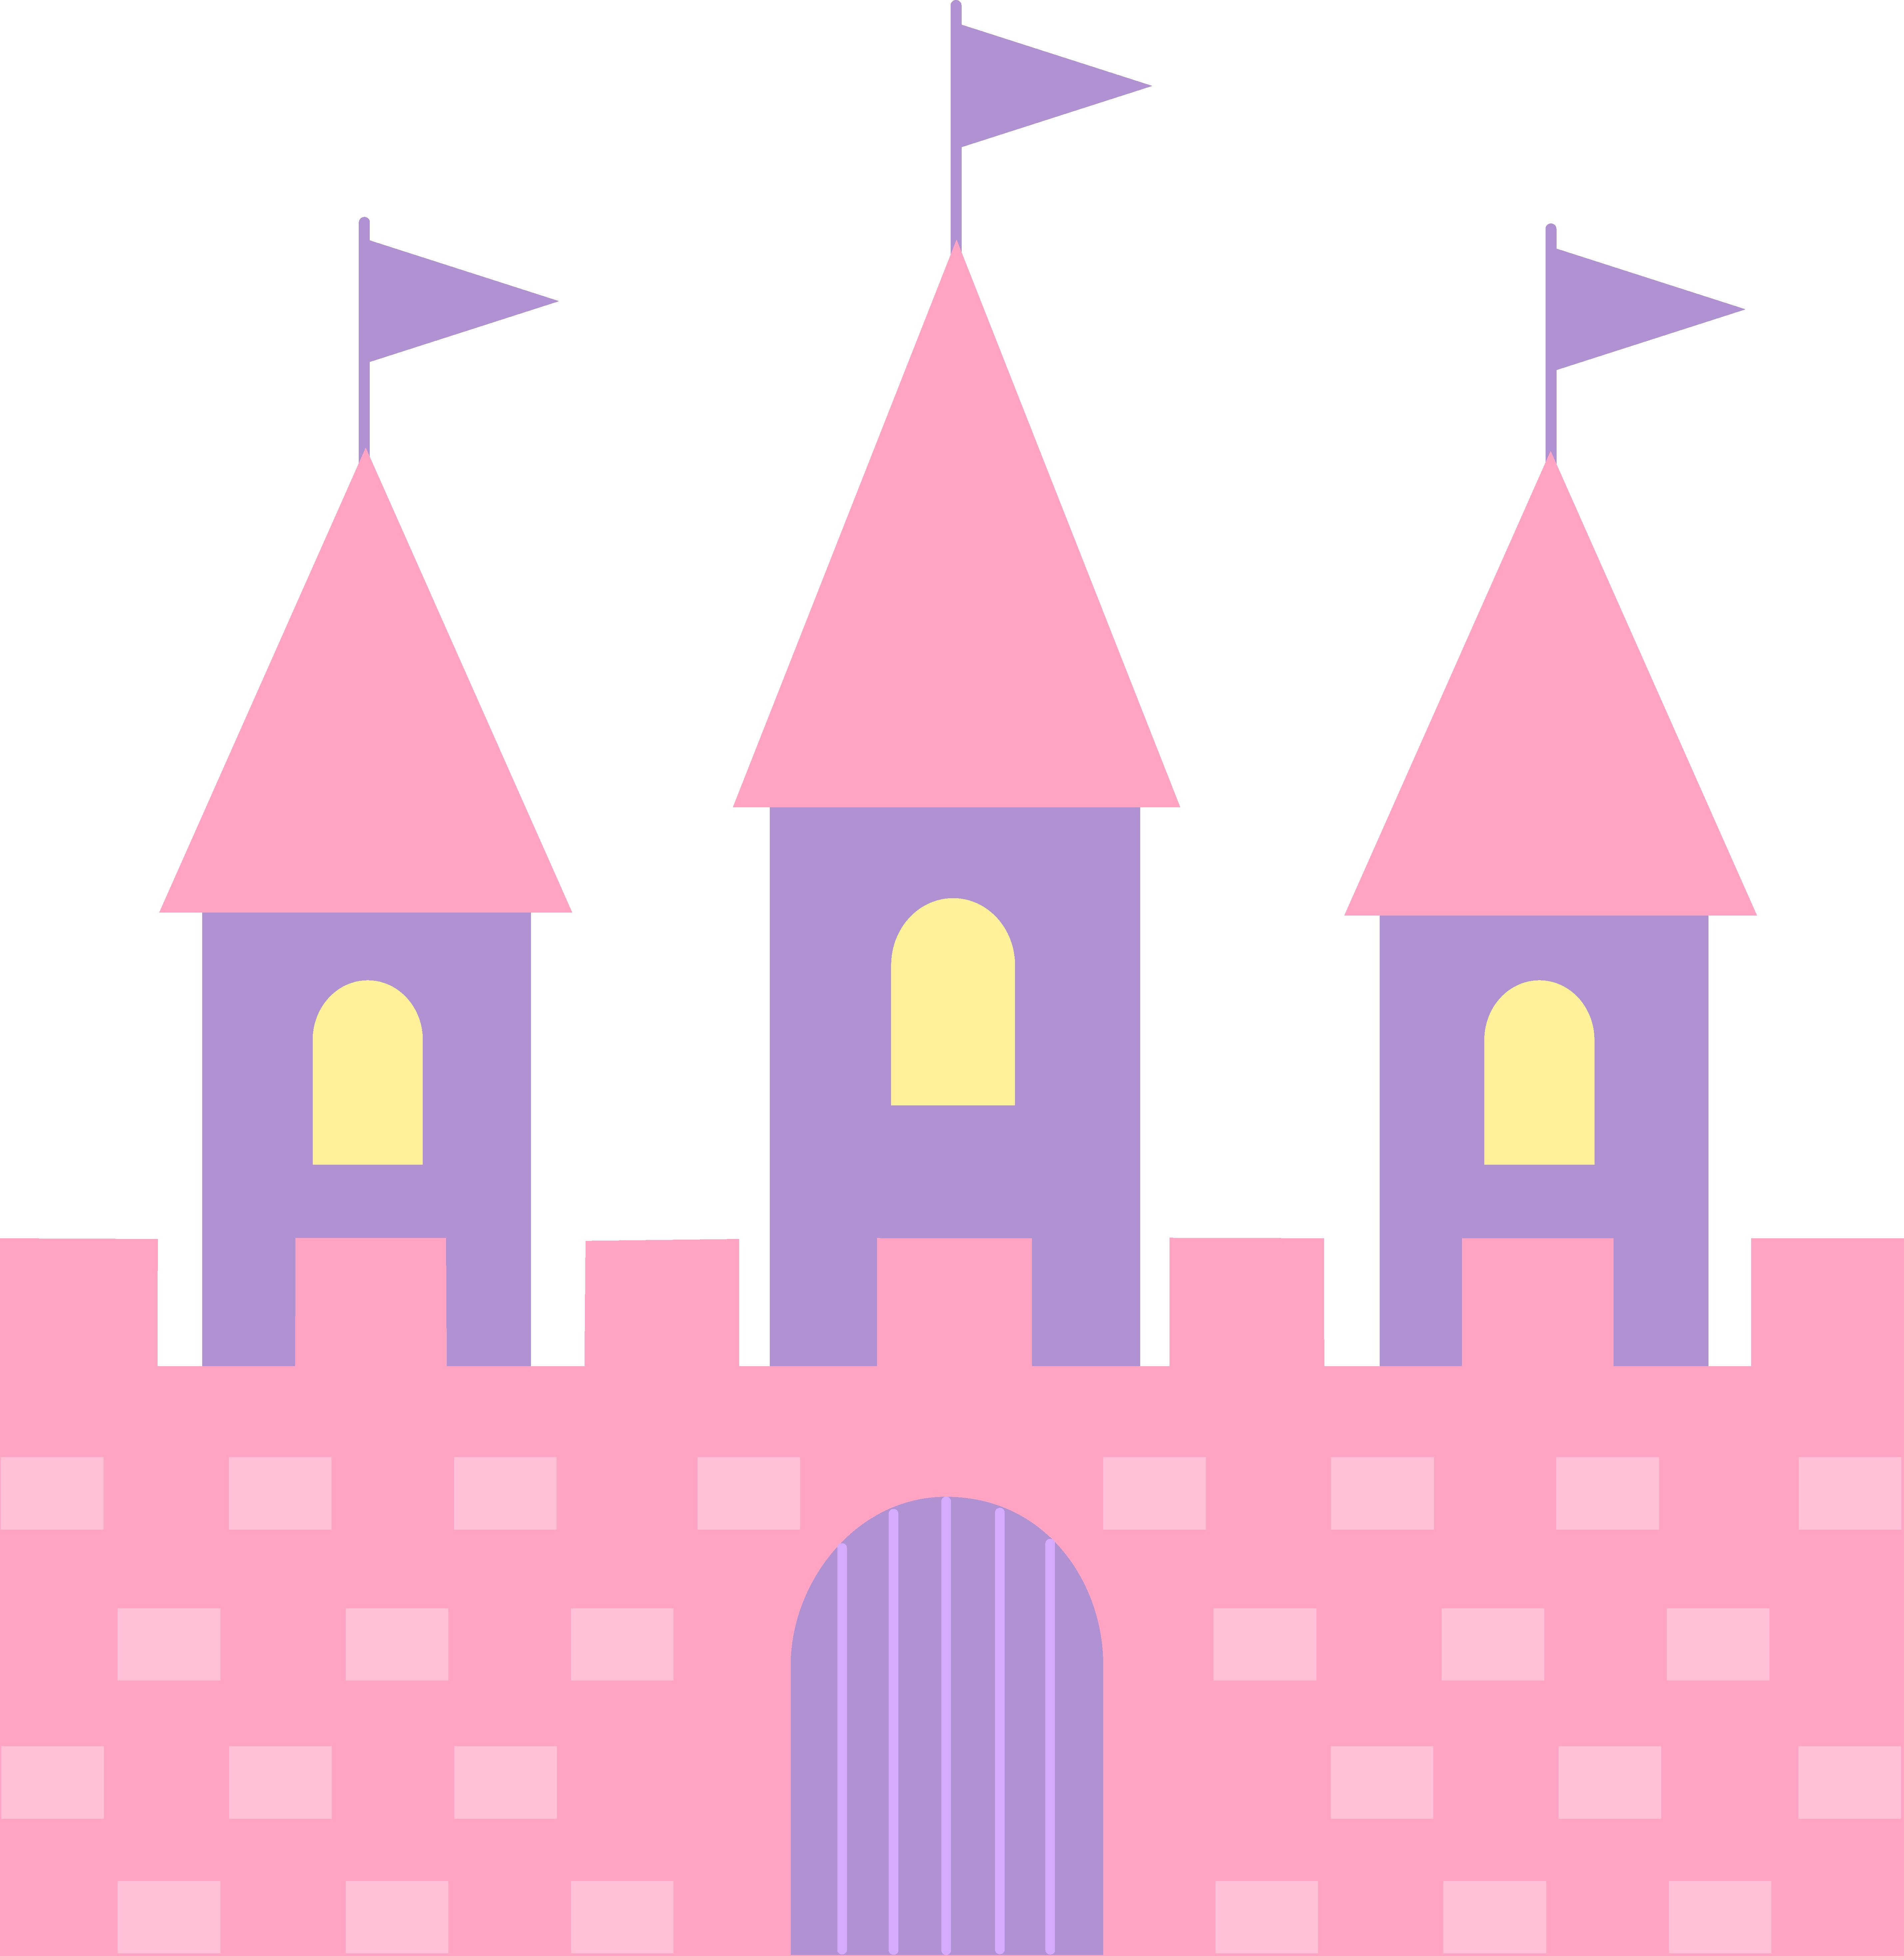 Castle Clipart #23995-Castle Clipart #23995-1